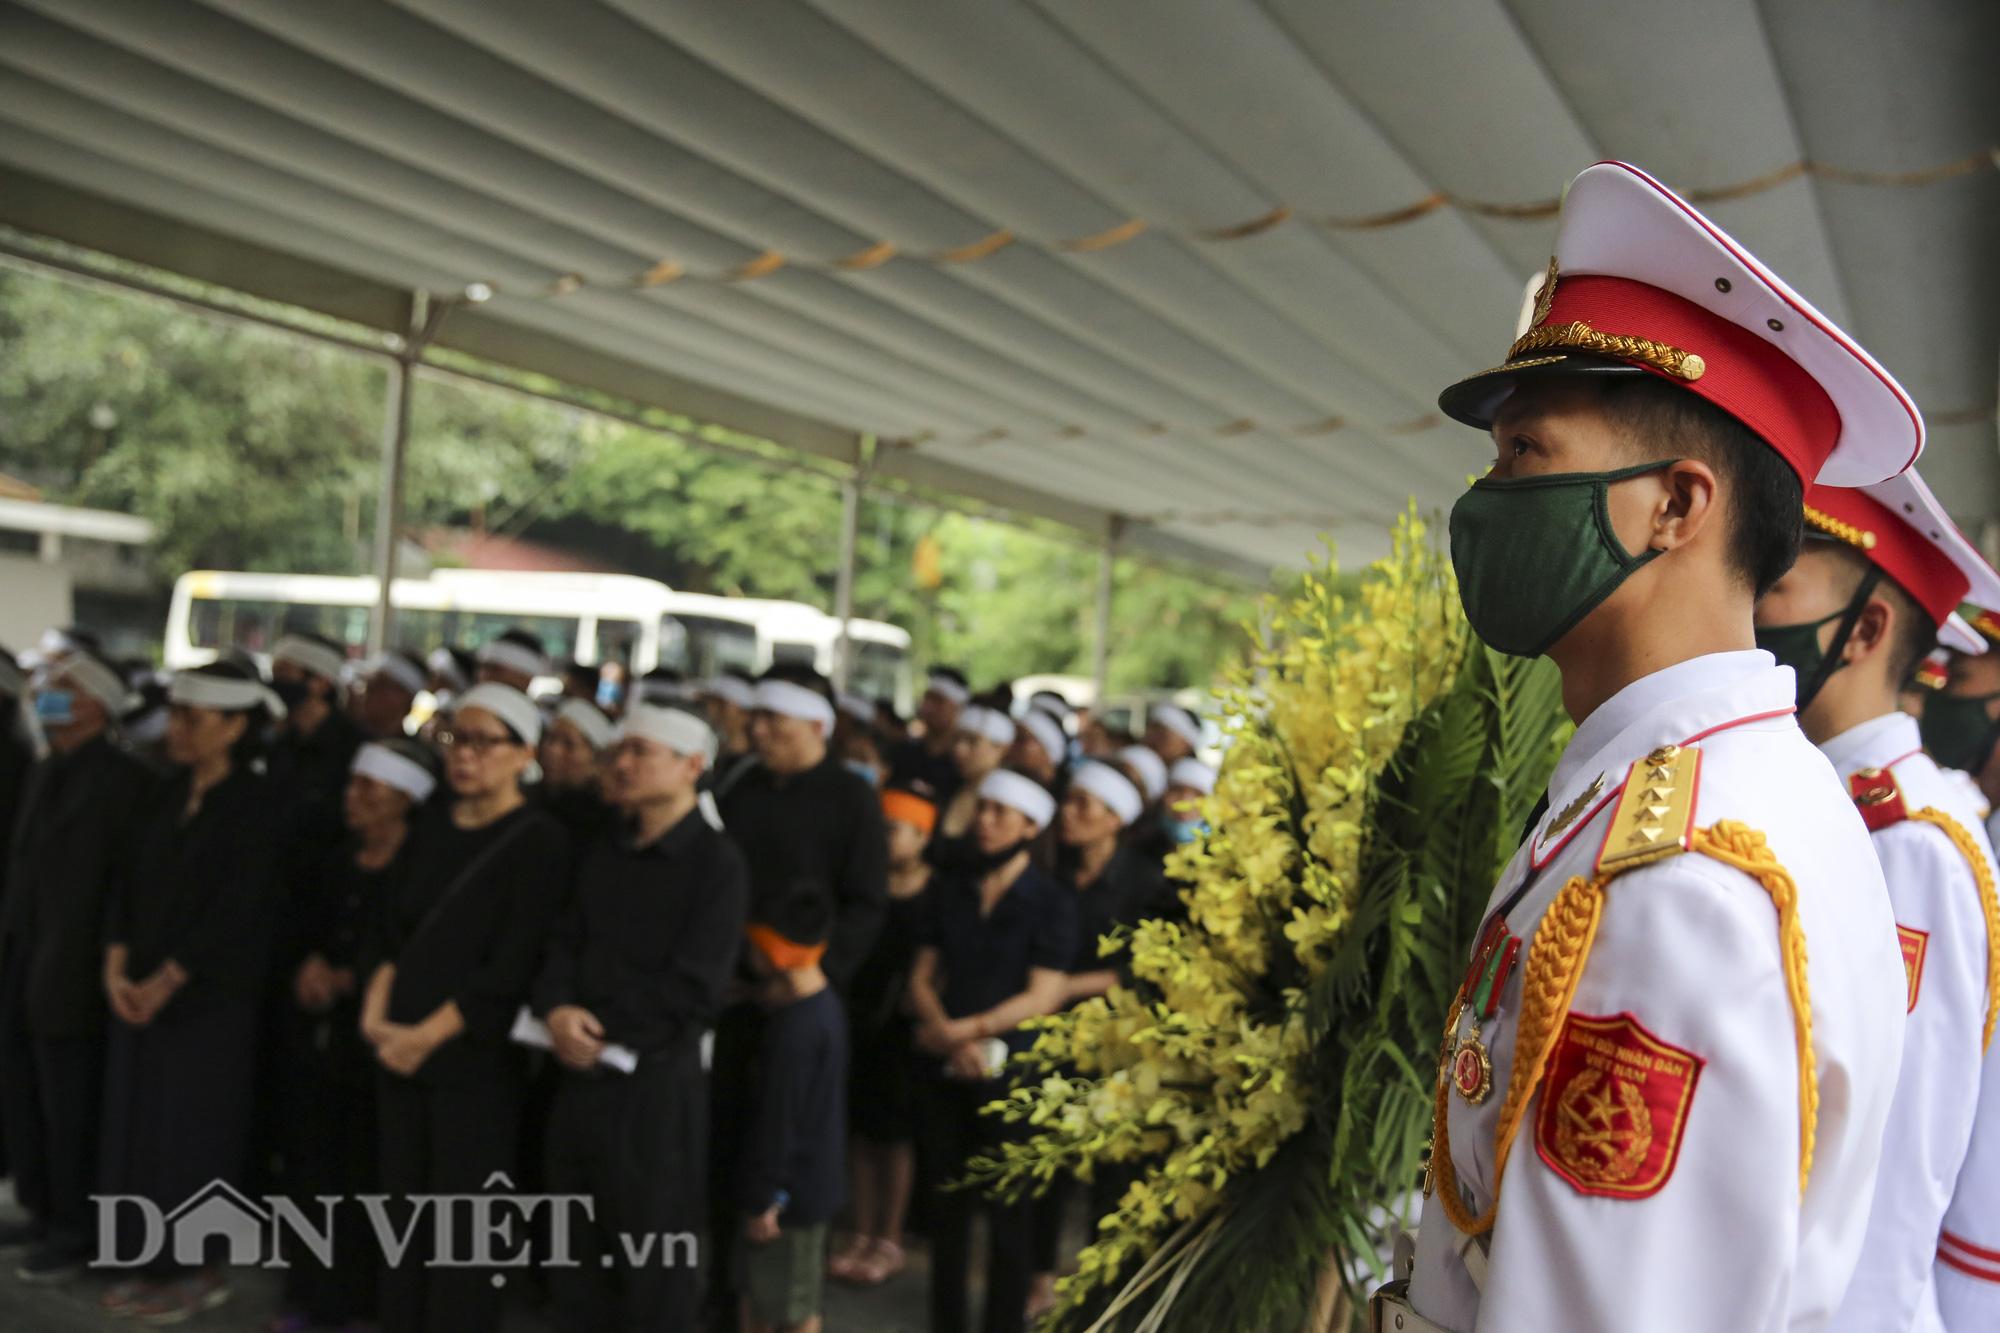 Thủ tướng đến viếng, tiễn đưa đồng chí Nguyễn Đình Hương - Ảnh 1.